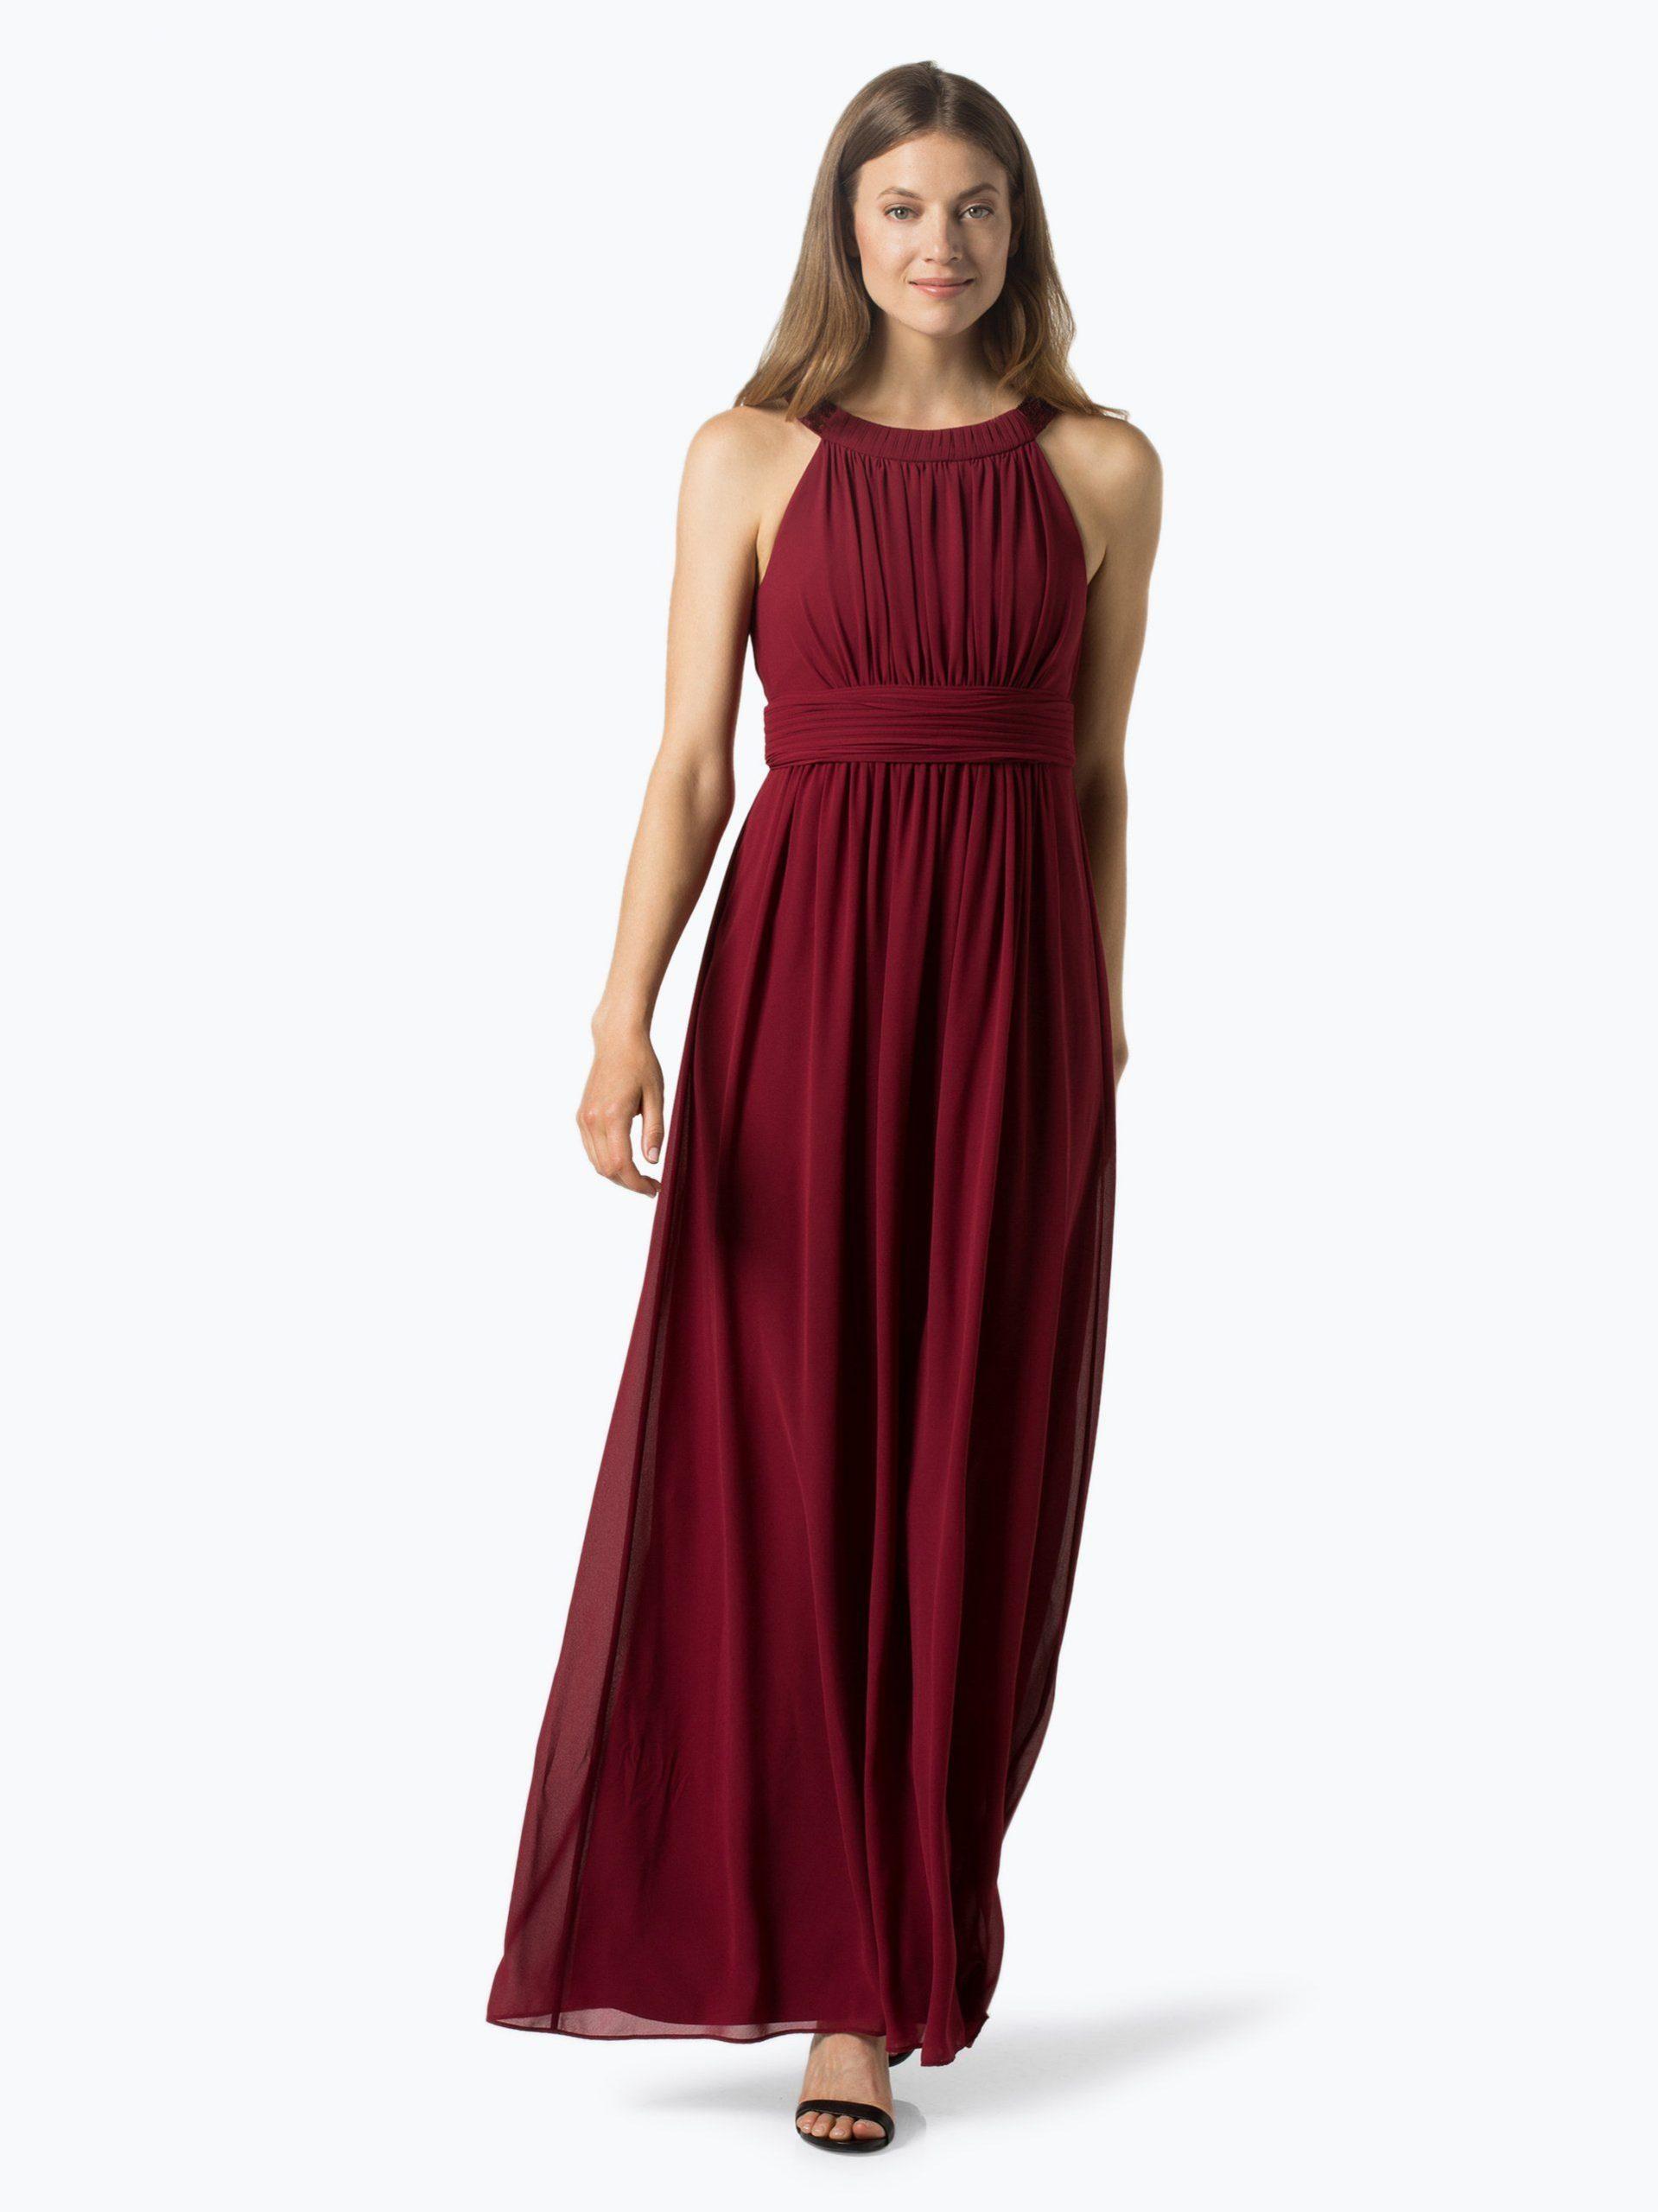 Marie Lund Copenhagen  Abendkleid Kleider Modestil